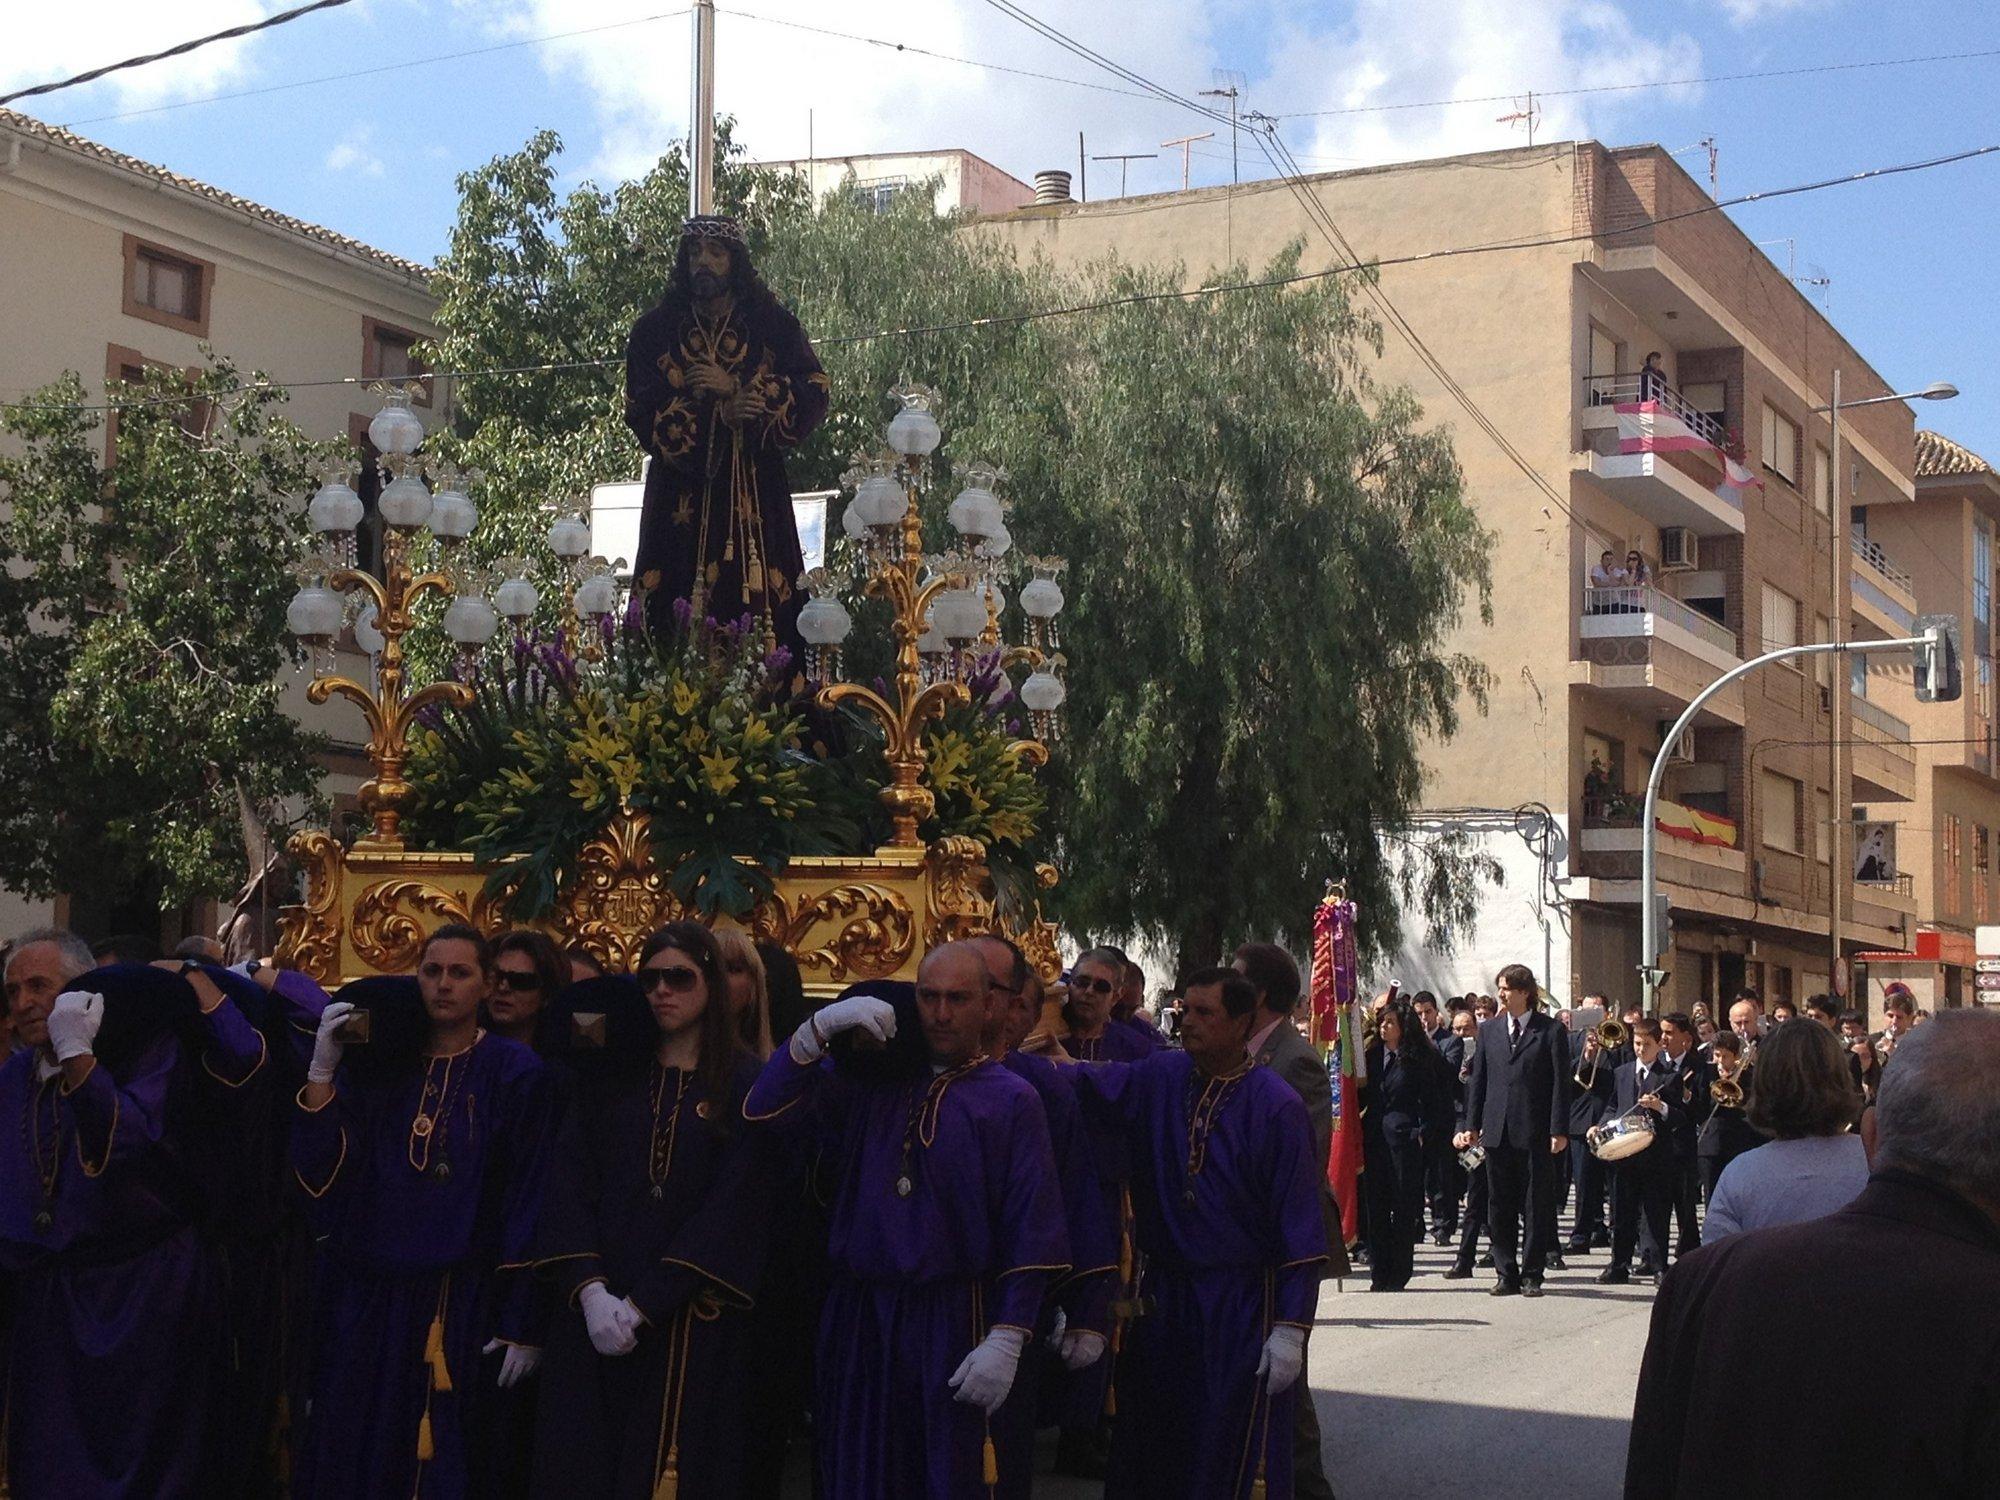 El municipio de Blanca celebra la tradicional puja de imágenes por la que se subastan los santos